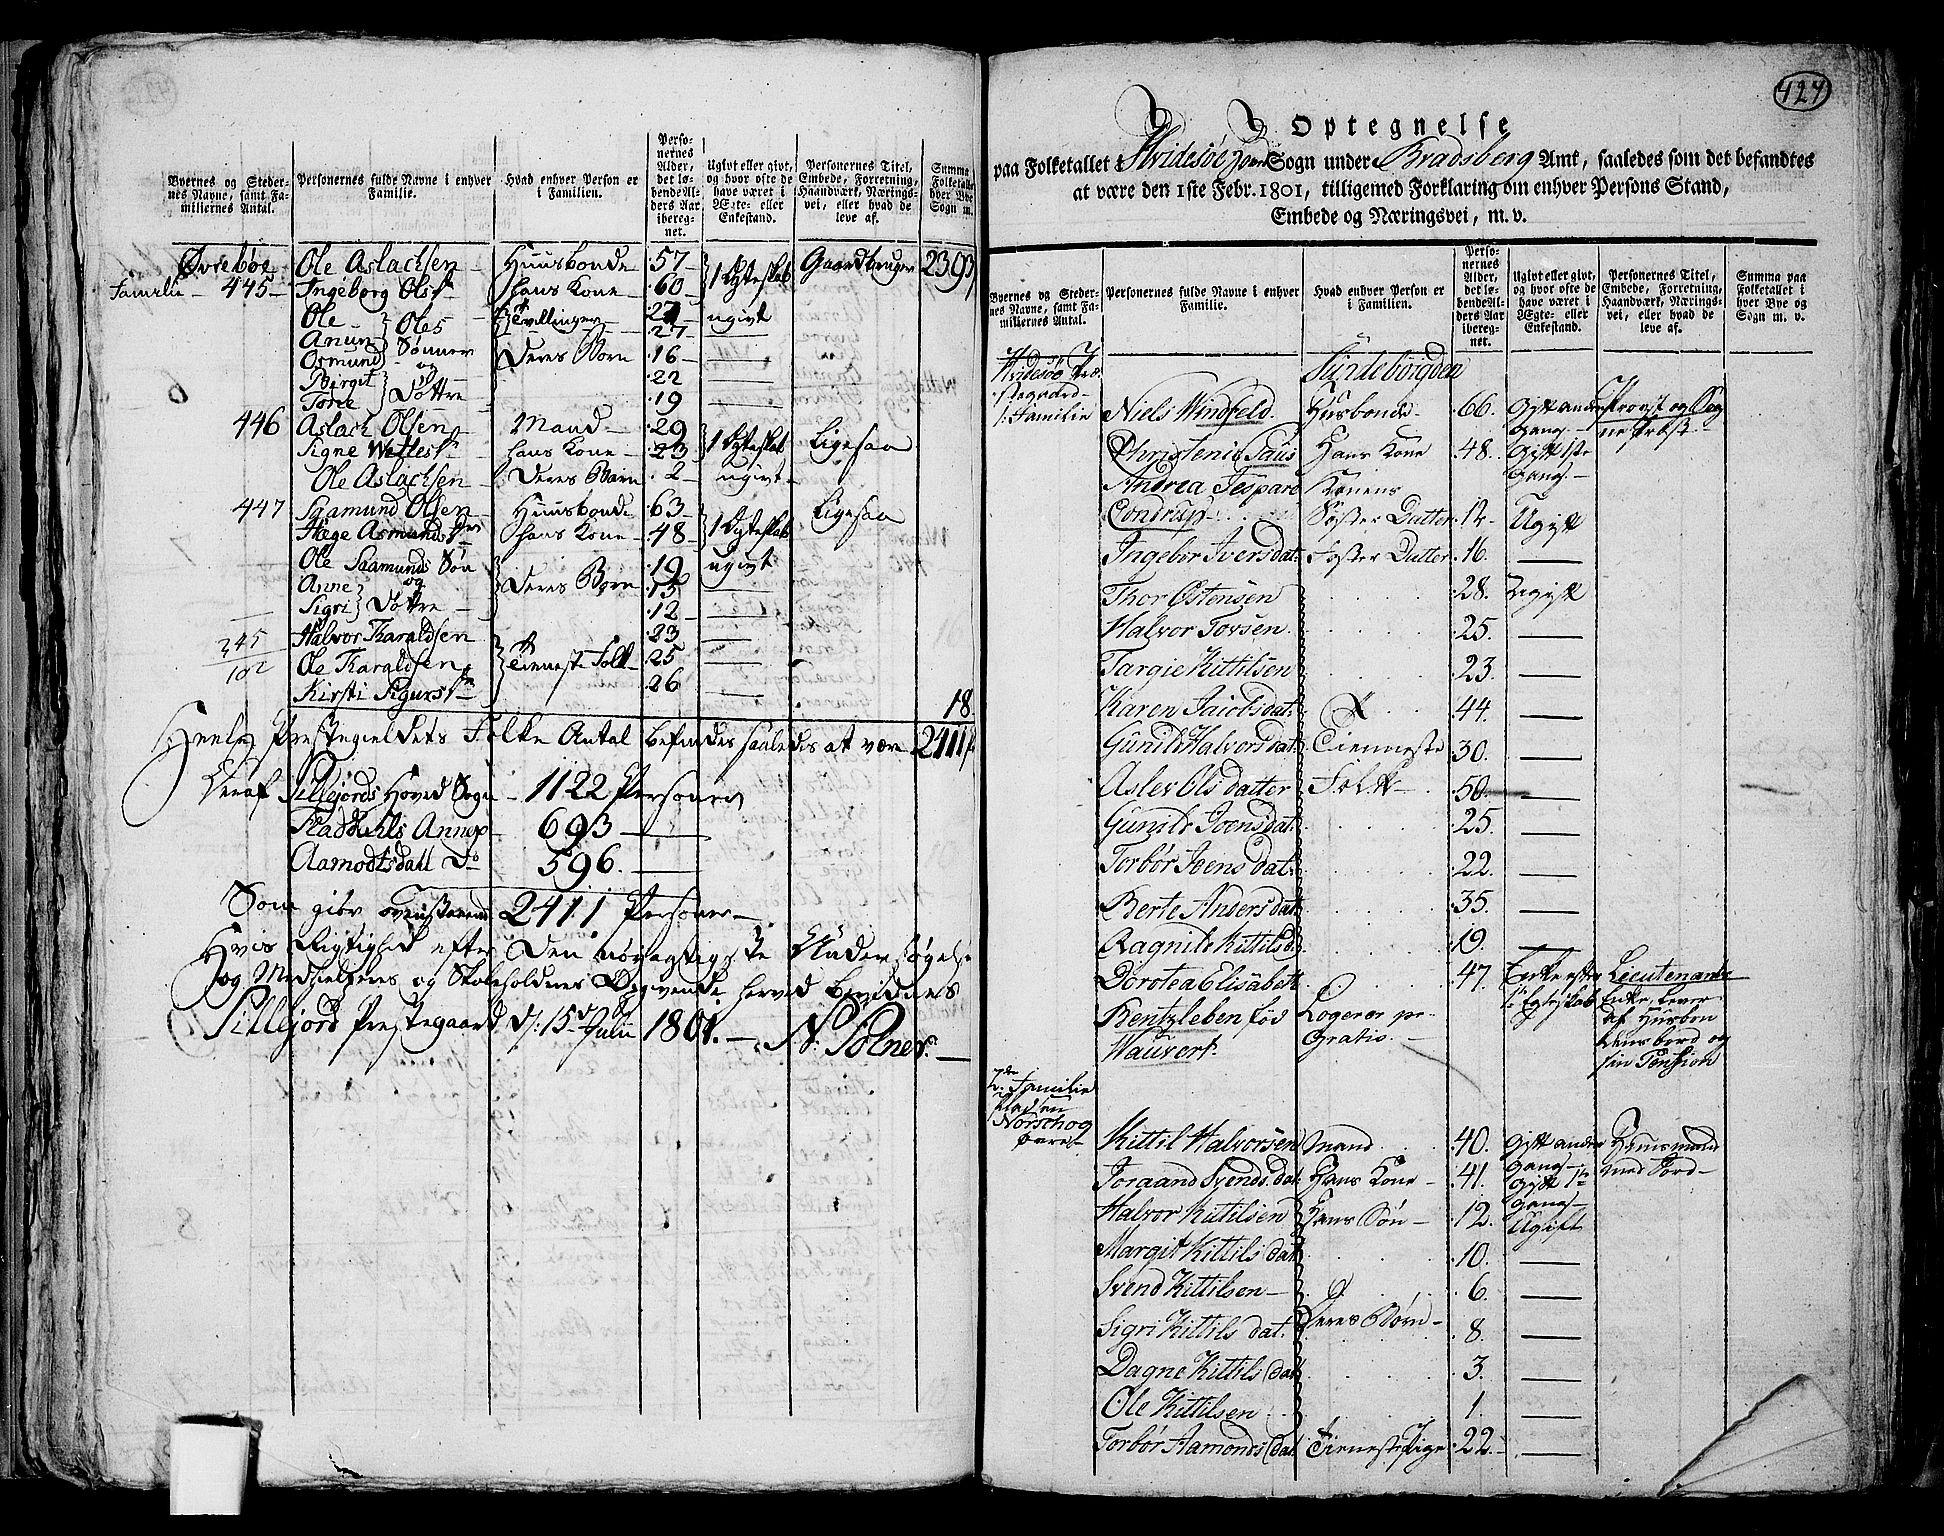 RA, Folketelling 1801 for 0829P Kviteseid prestegjeld, 1801, s. 426b-427a